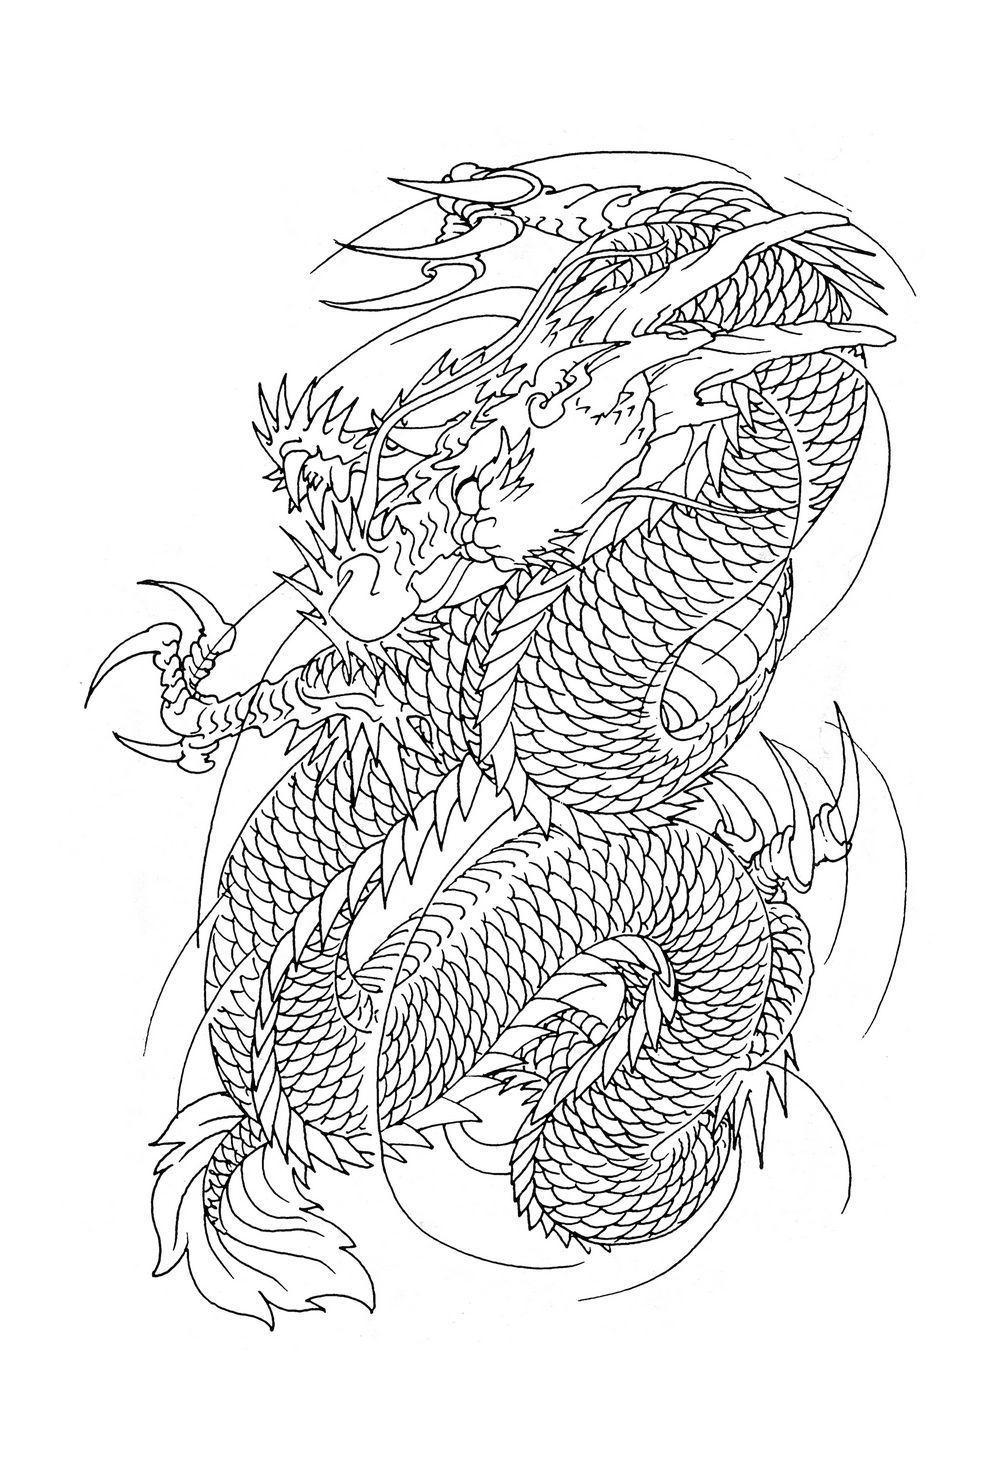 Dragon Sketch 2 from my book... | dragão desenho para tattoo | Pinterest